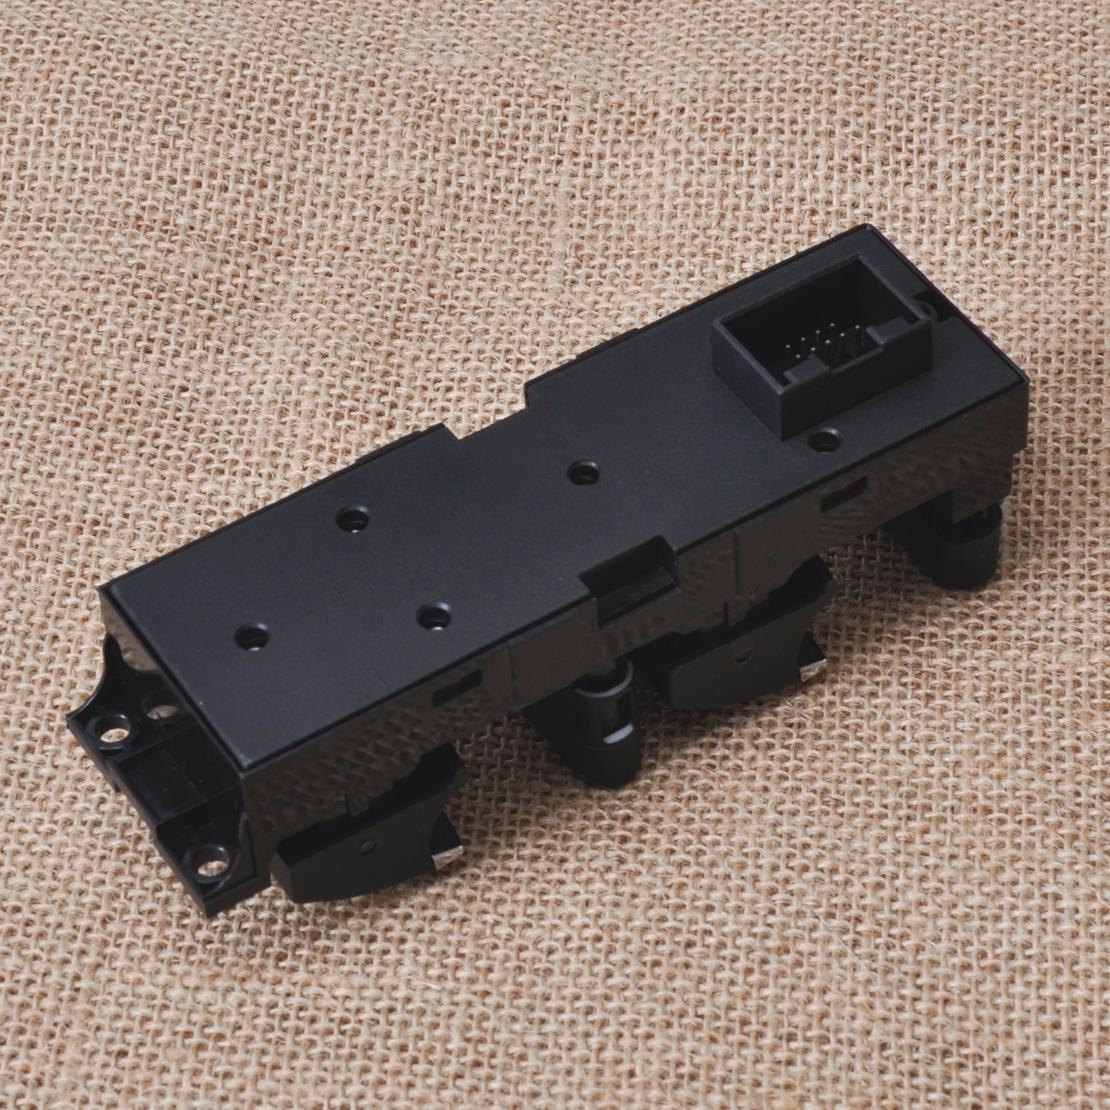 New chrome car master power window switch for vw bora for 2000 vw passat power window regulator